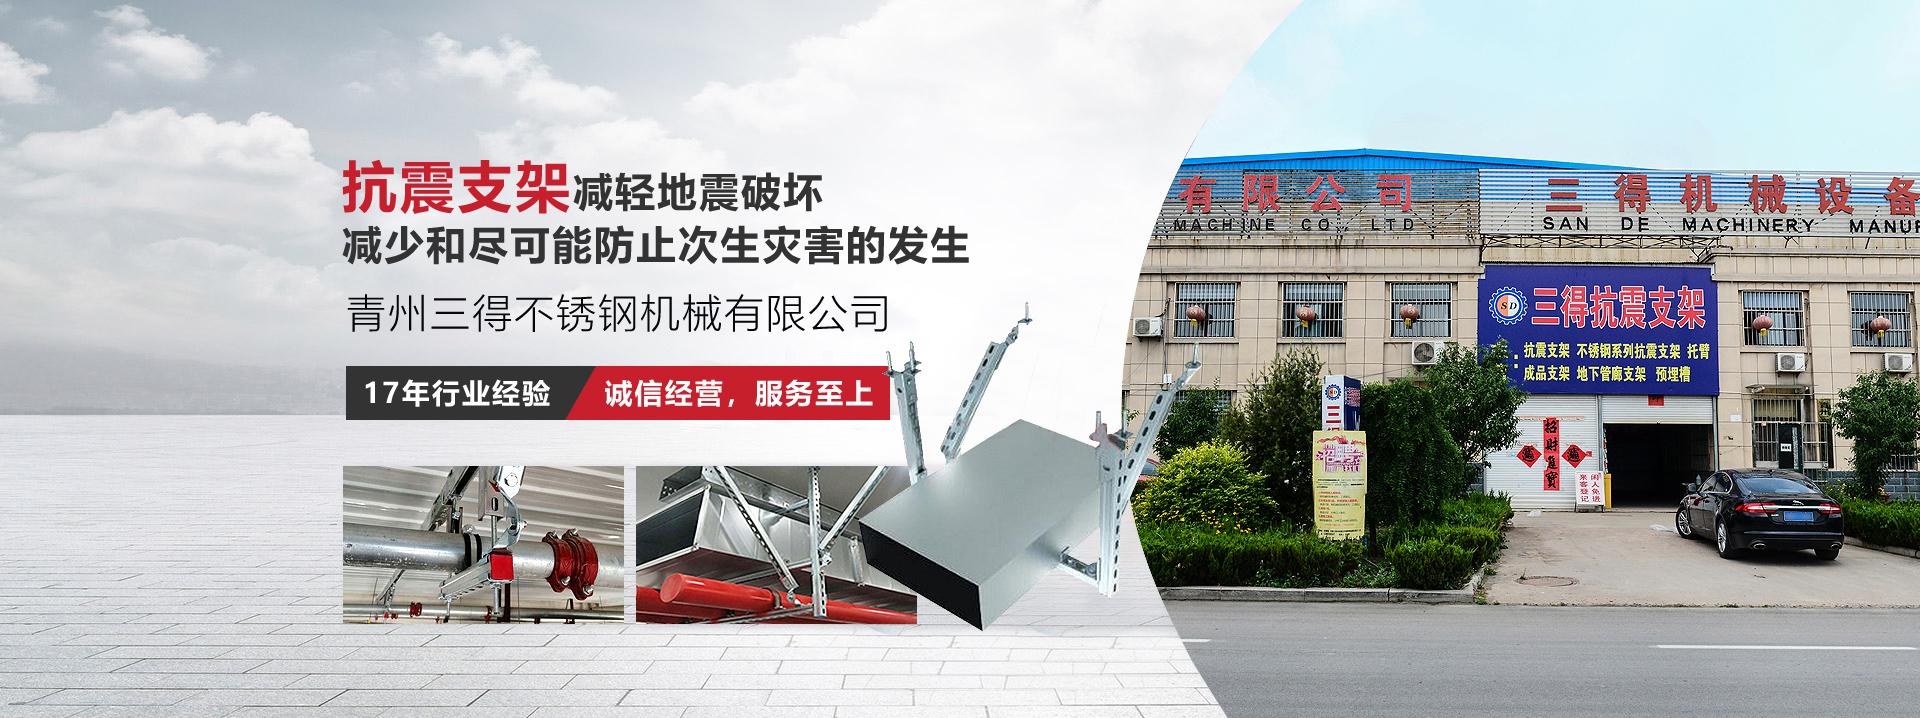 青州三得不銹鋼機械有限公司